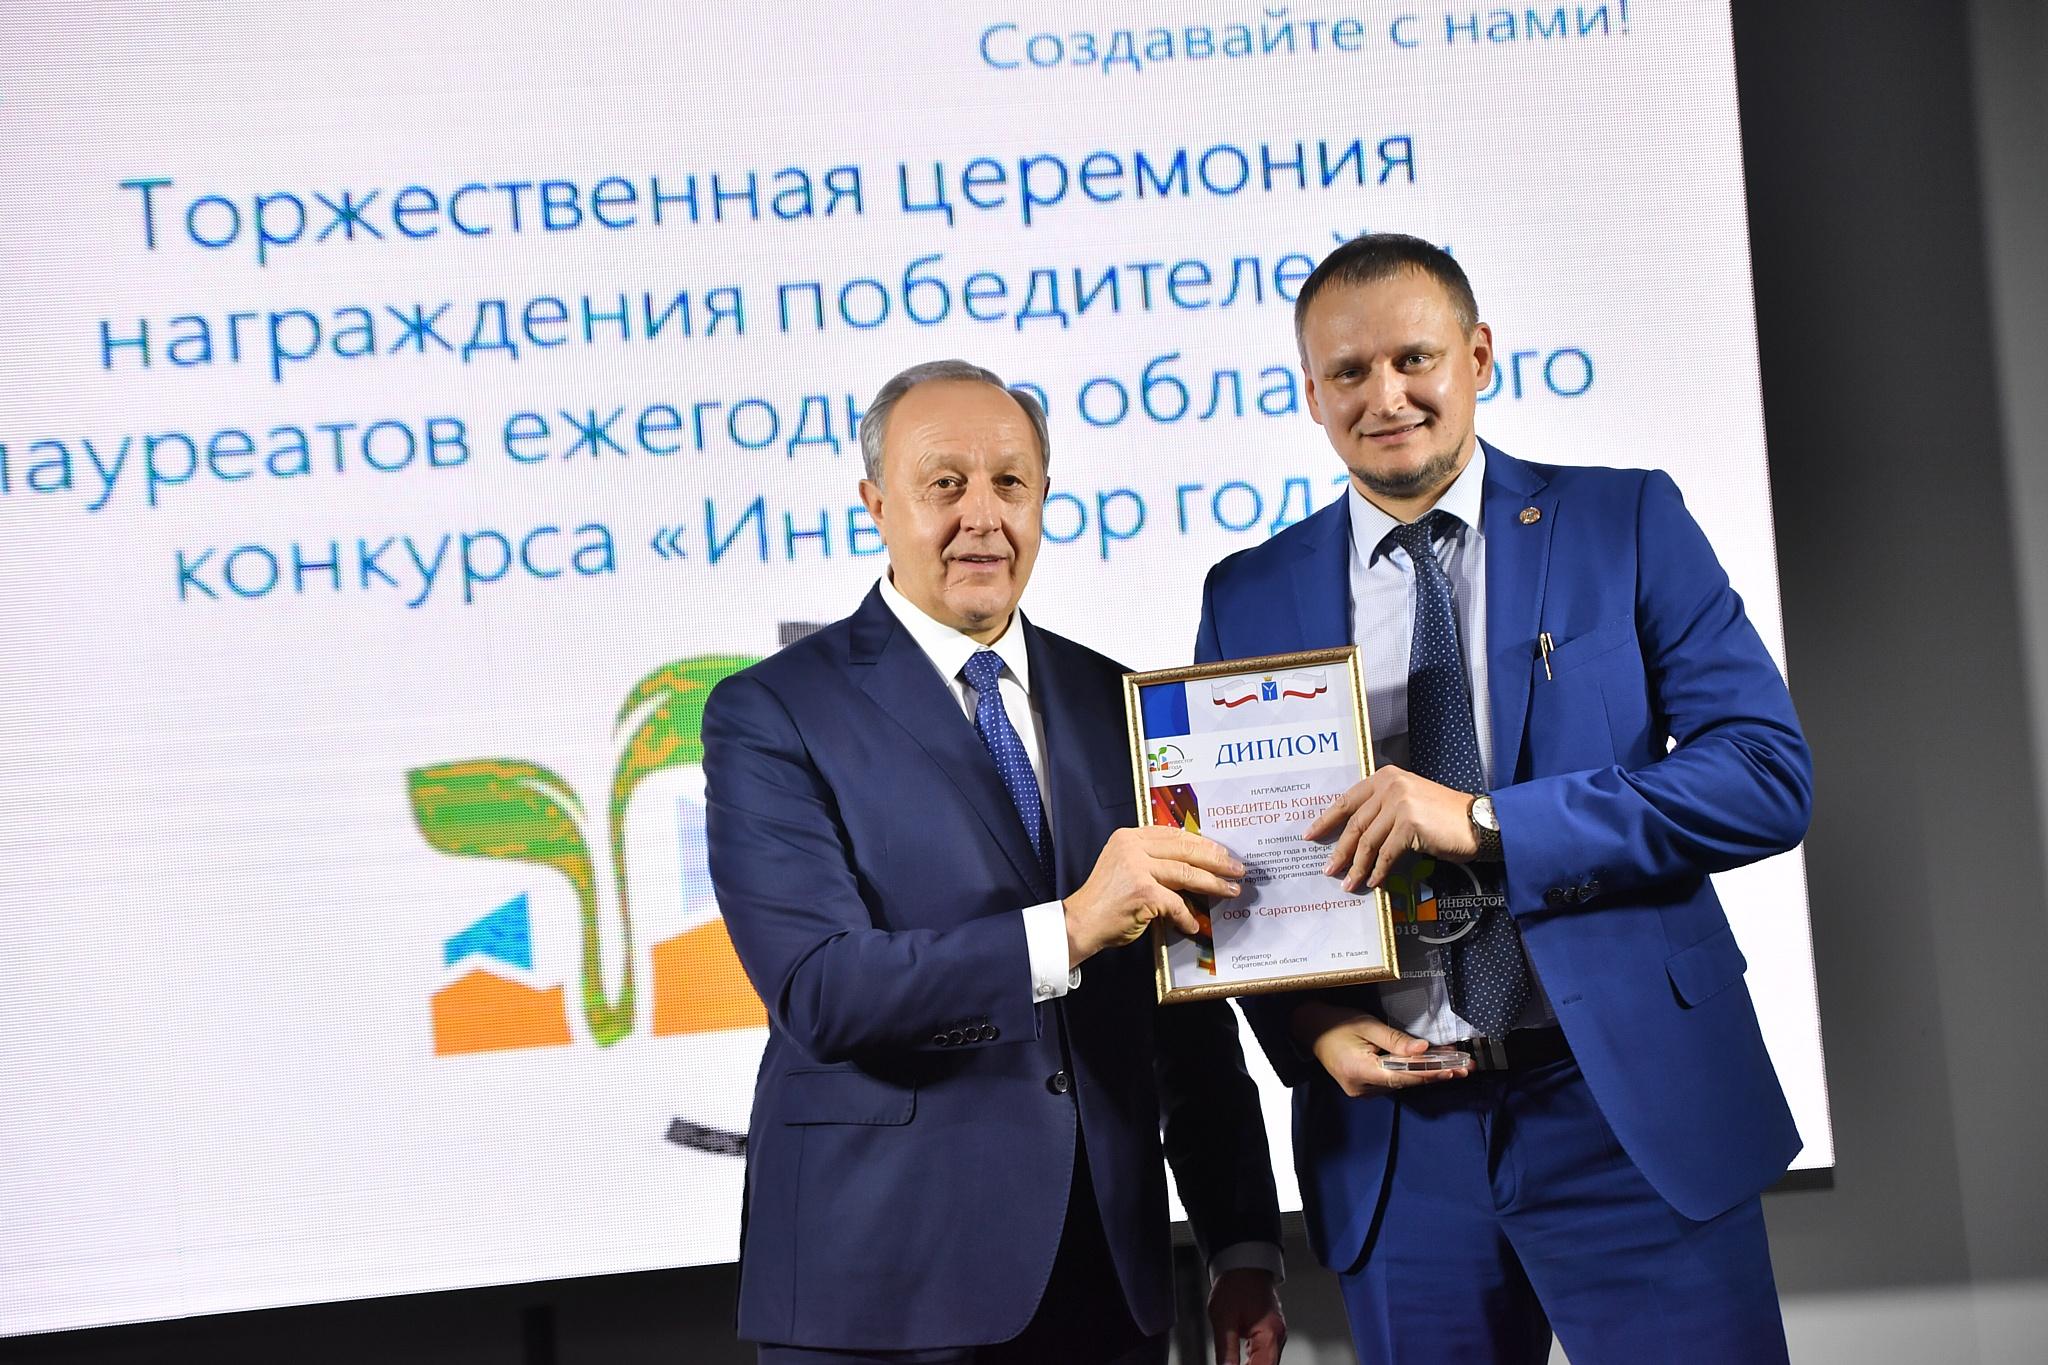 «Саратовнефтегаз» - победитель областного конкурса «Инвестор года»